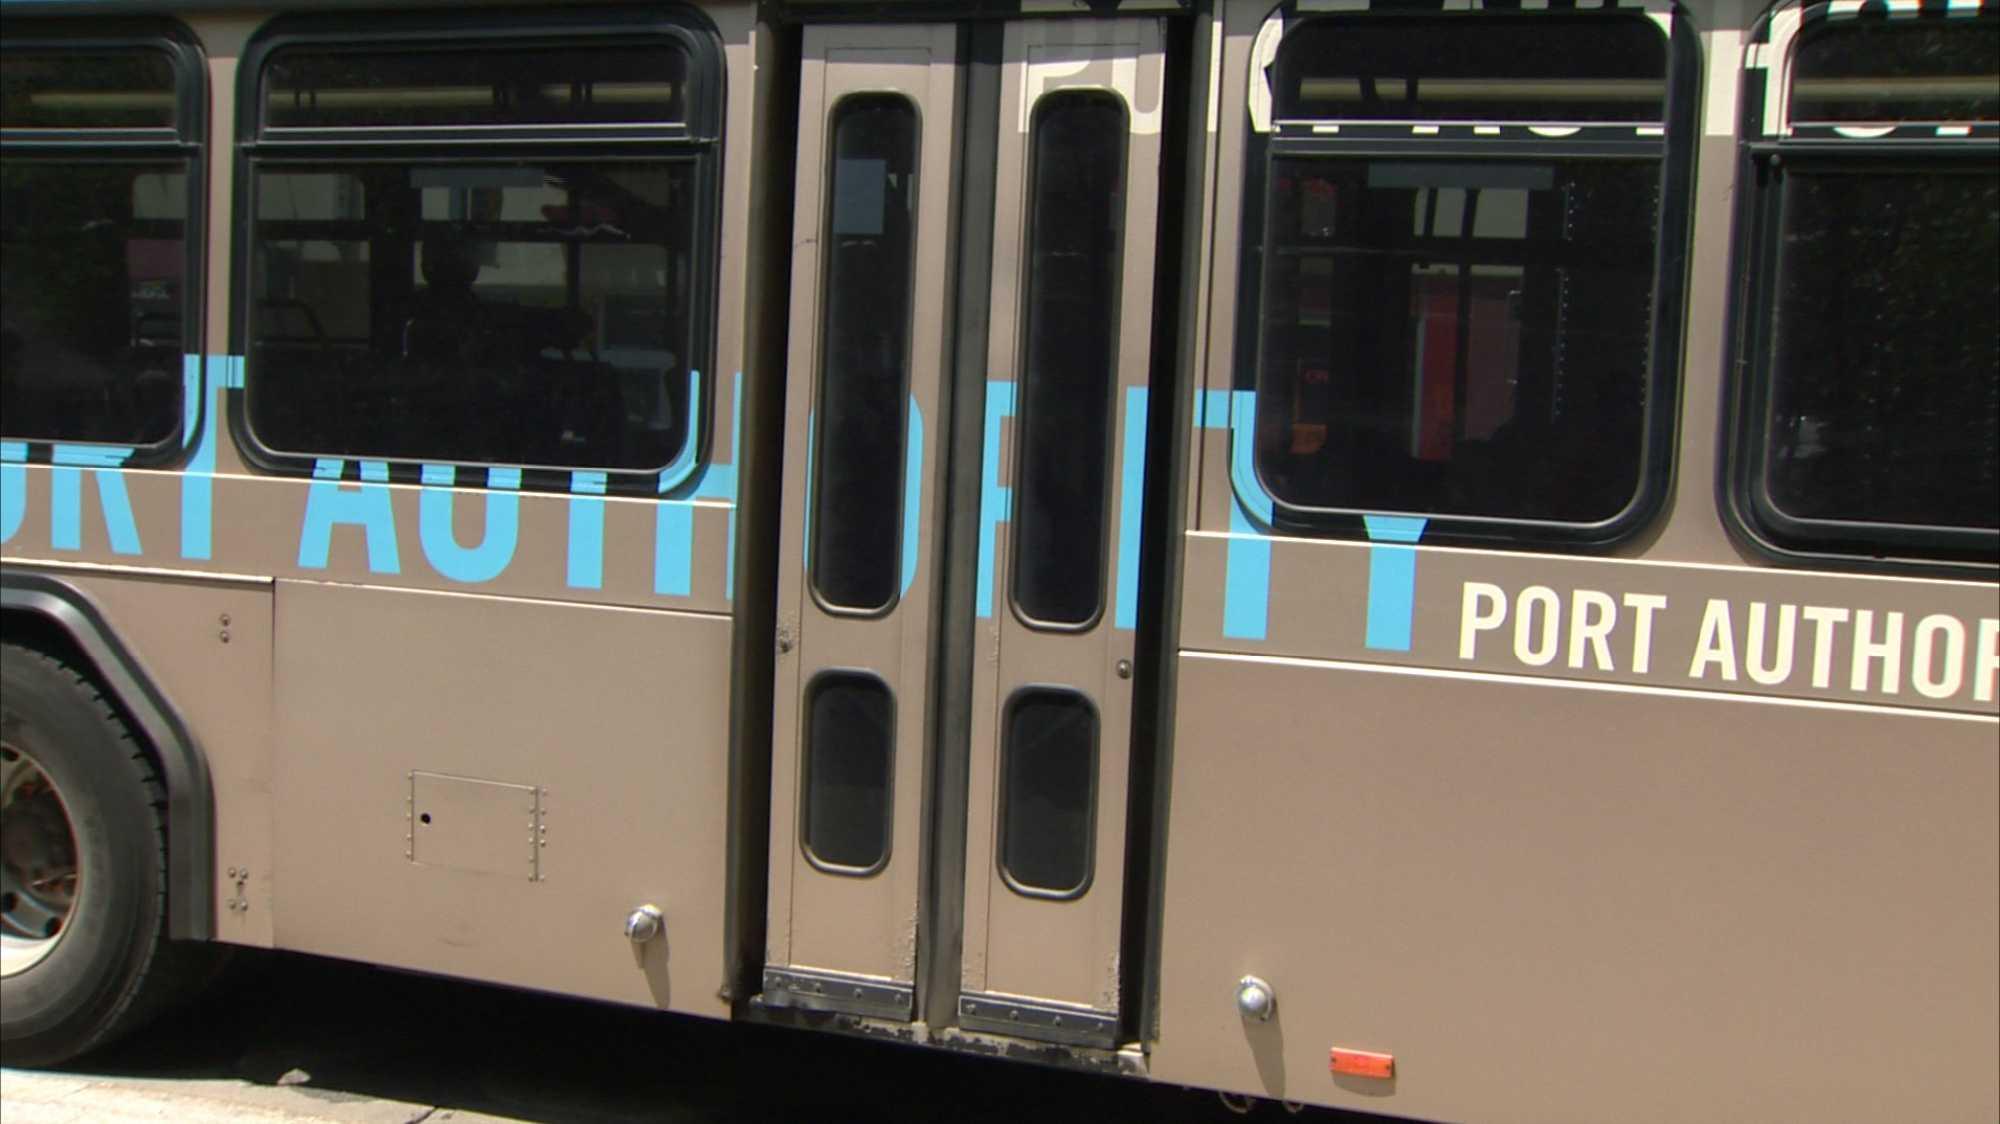 Port Authority bus